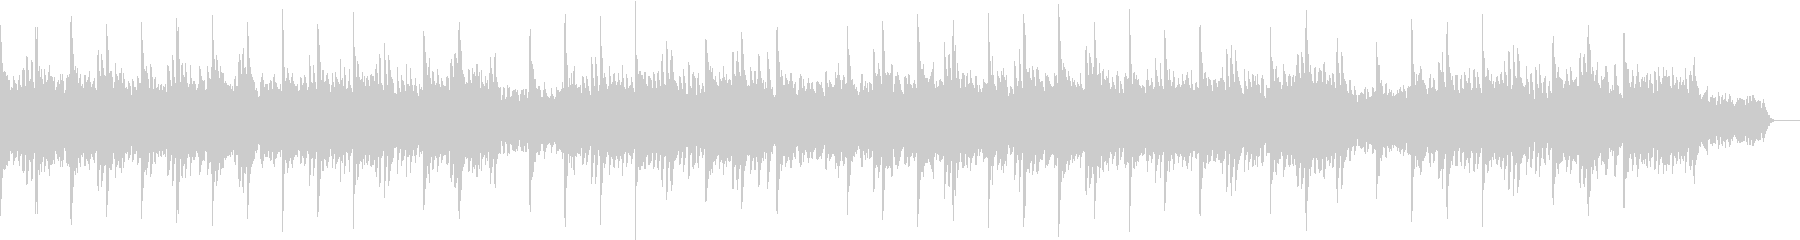 ピアノ&シンセパッドのバラードBGMの未再生の波形